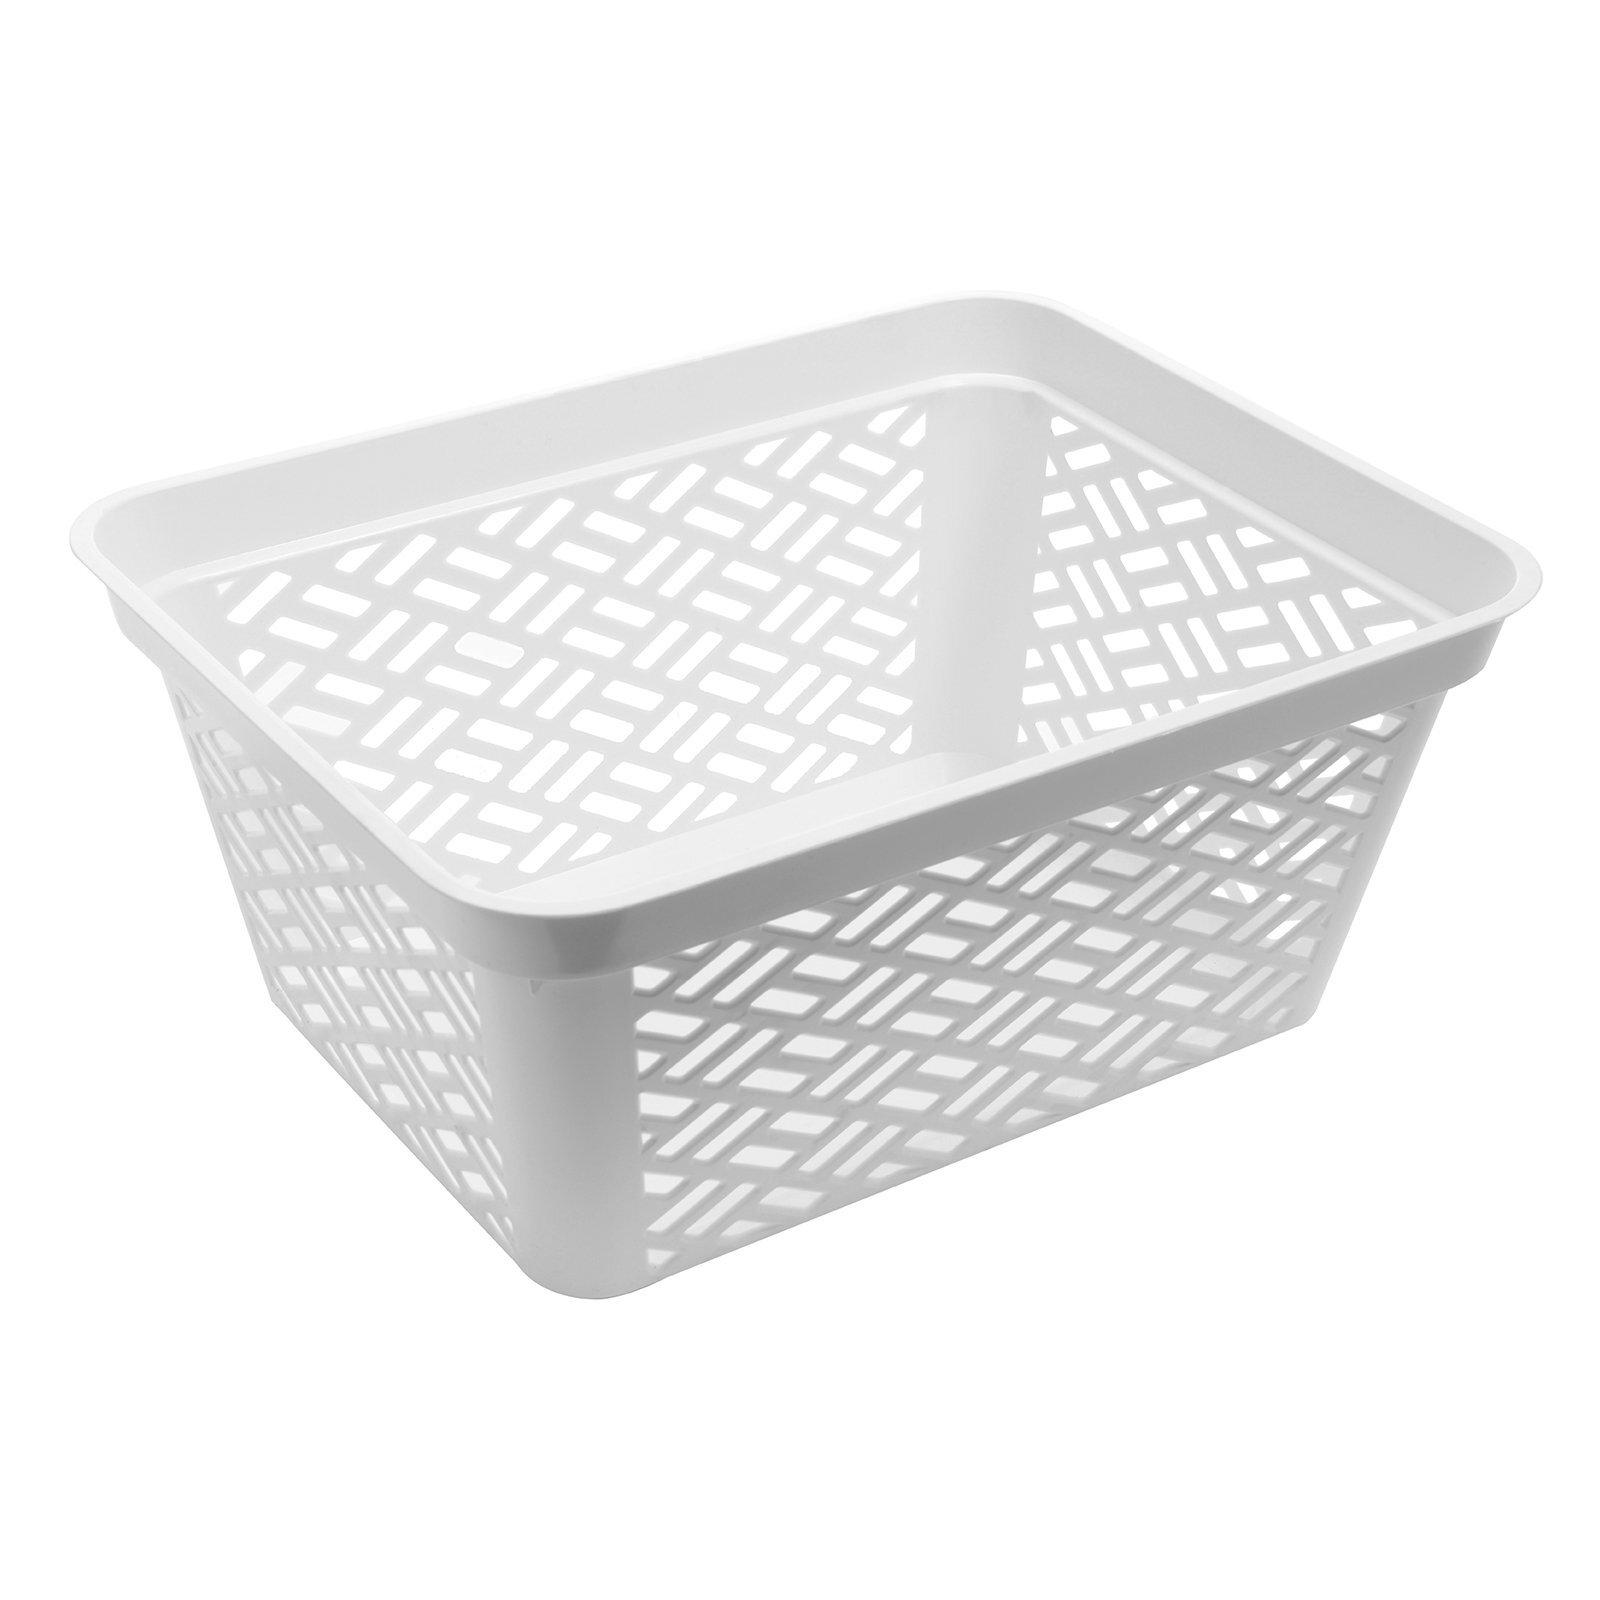 Ezy Storage Large Brickor Basket